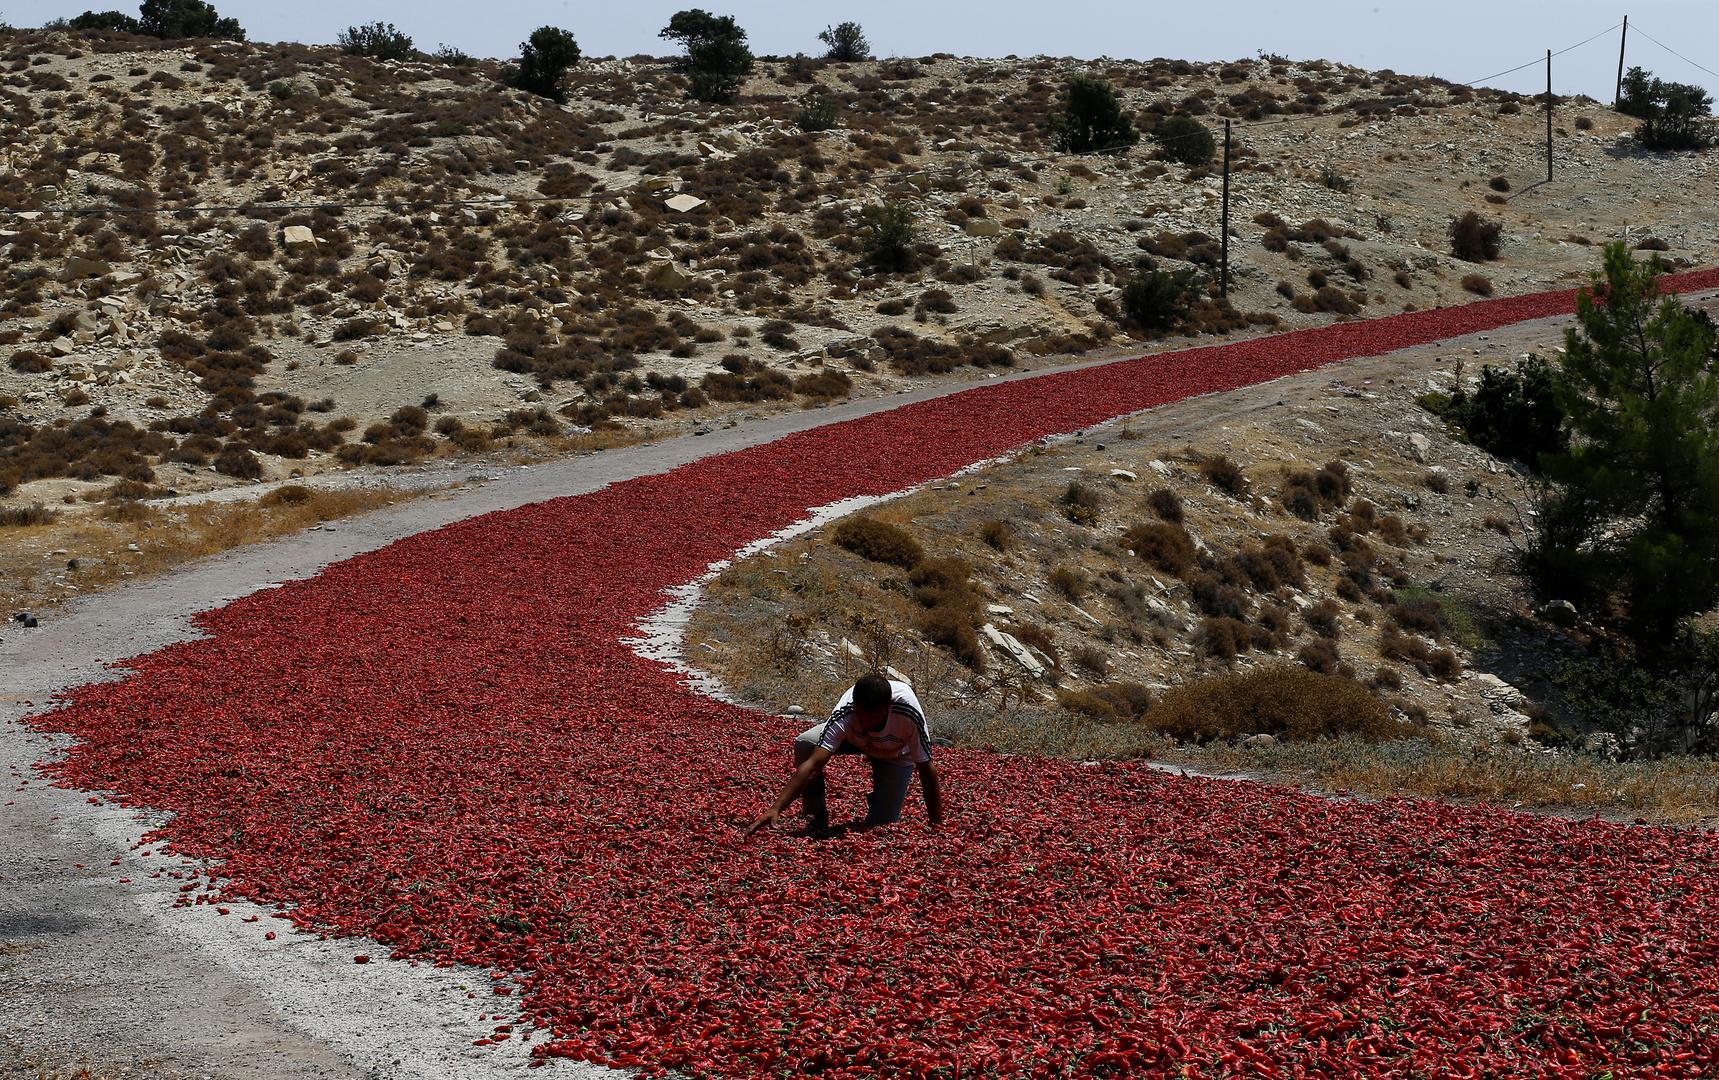 تقارير: انخفاض عدد المزارعين في تركيا